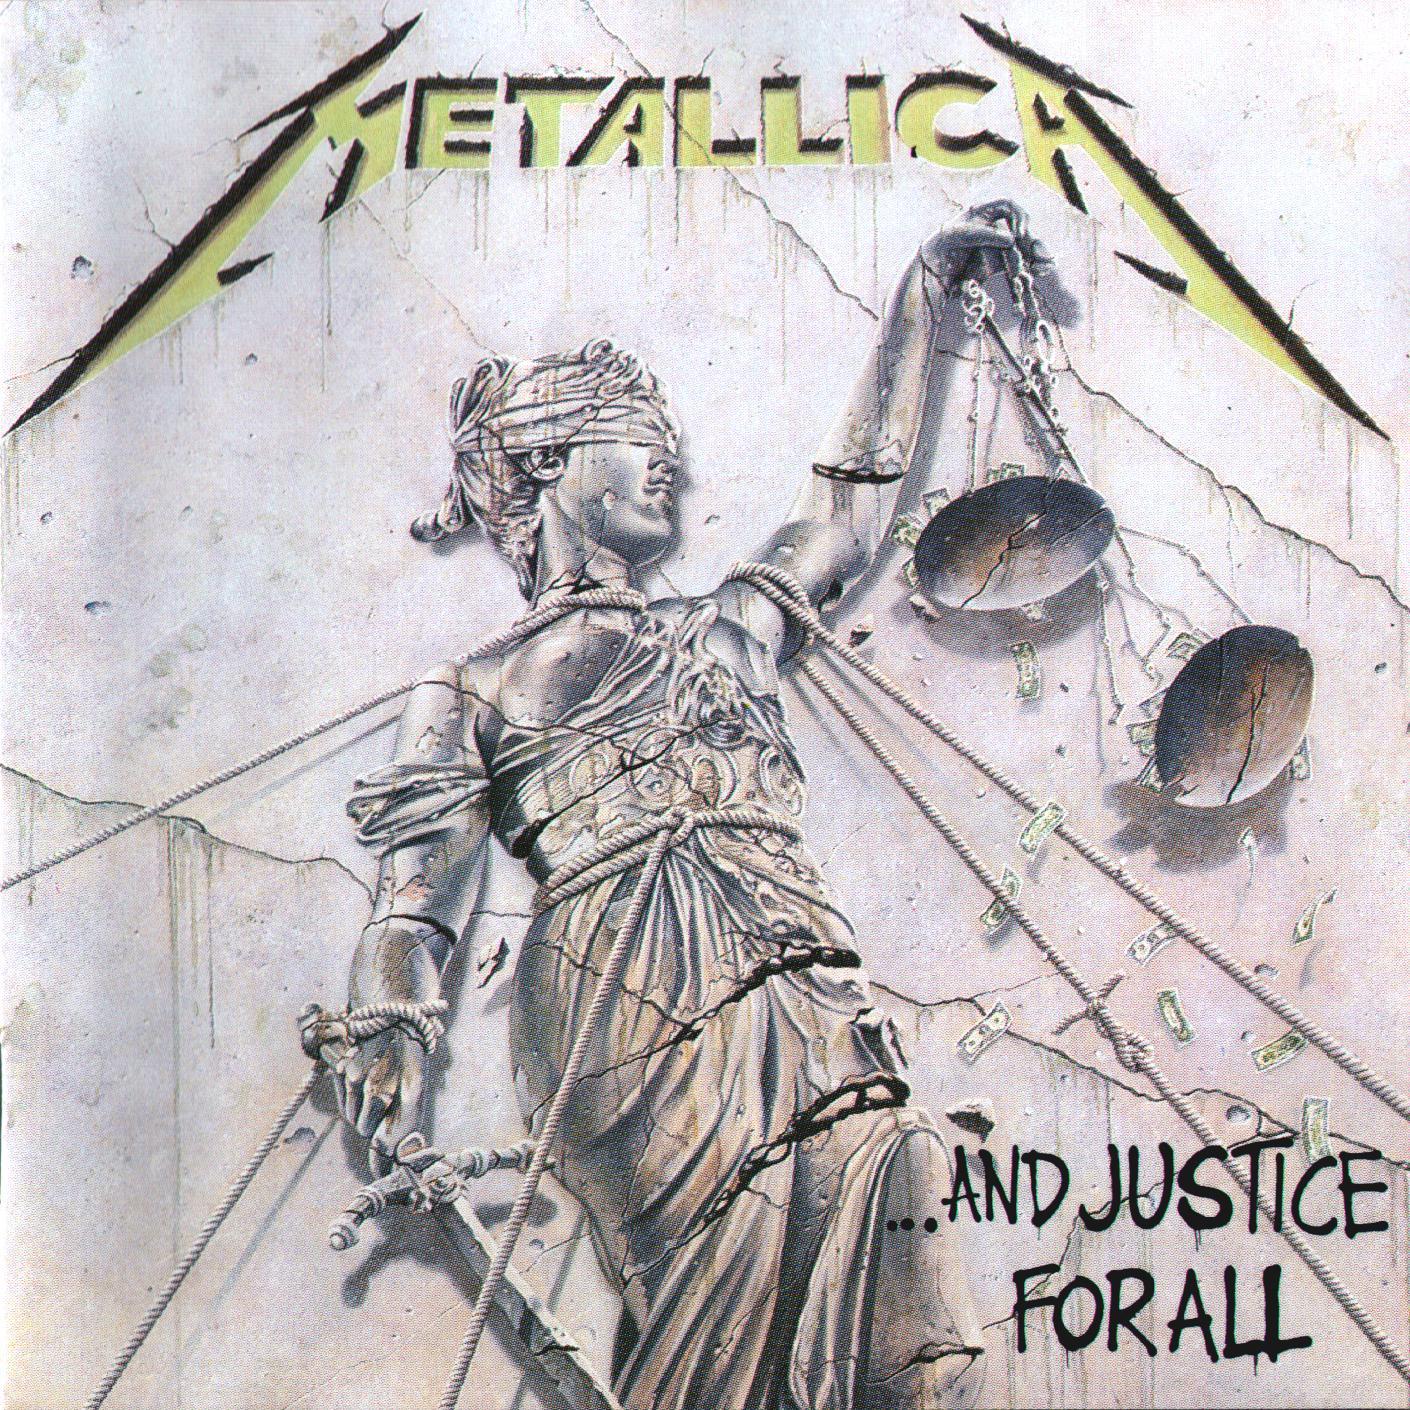 http://1.bp.blogspot.com/-fLpxTbWLmmE/T1gTb3C4wNI/AAAAAAAAAtU/WIKFWB3rtPs/s1600/metallica+and+justice+for+all+wallpaper.jpg